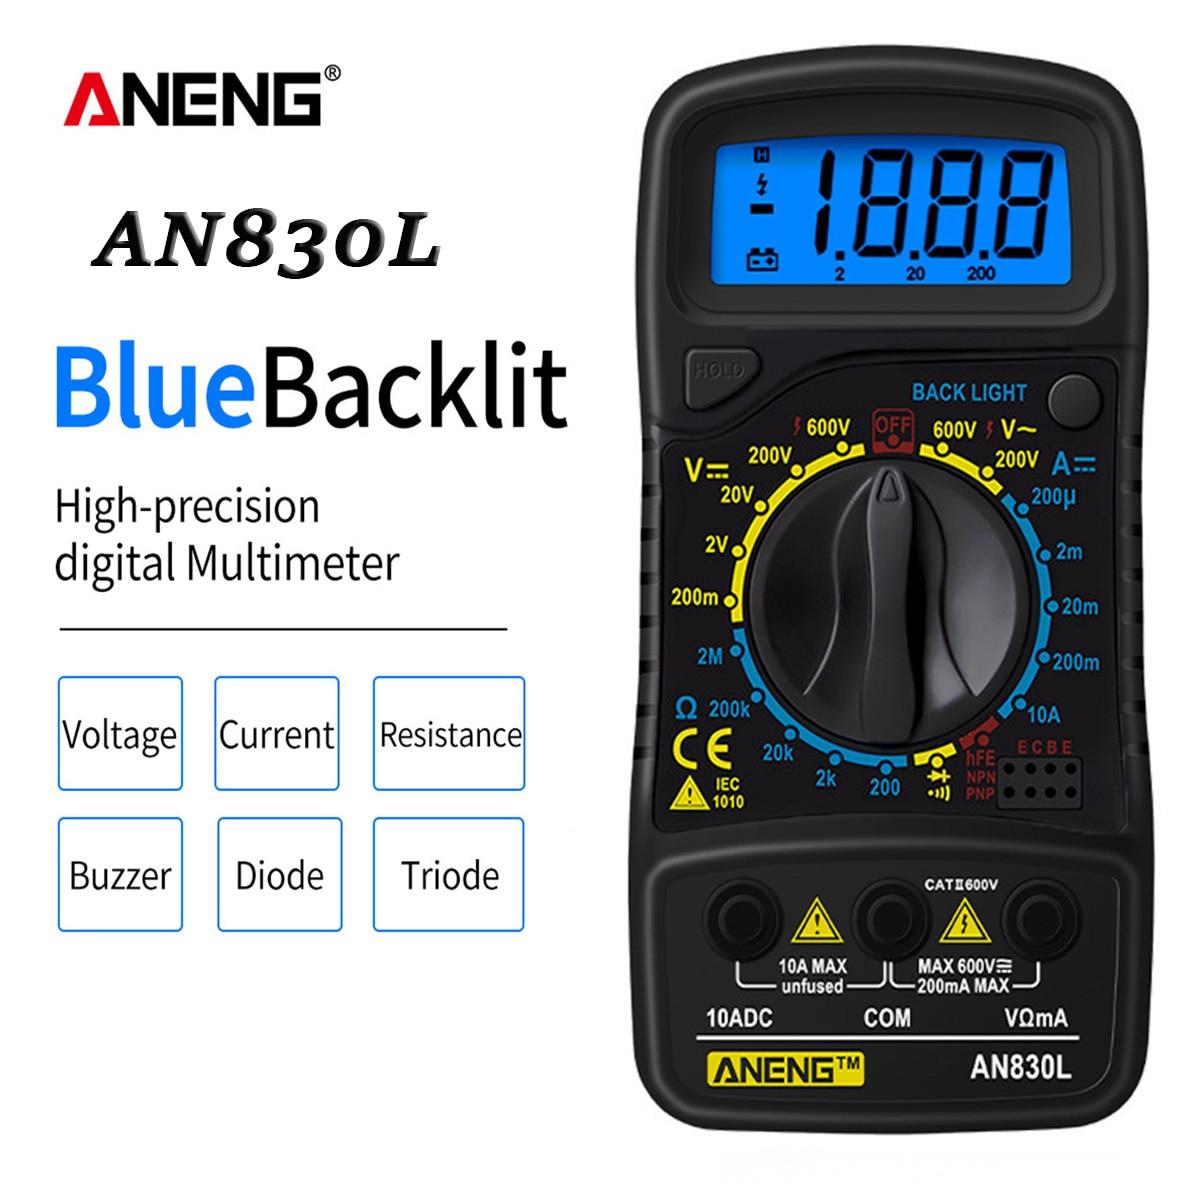 ANENG XL830L Цифровой мультиметр Esr/Lcr метр тестеры автомобильная электрическая Dmm транзистор Карманный тестер измеритель емкости|Мультиметры|   | АлиЭкспресс